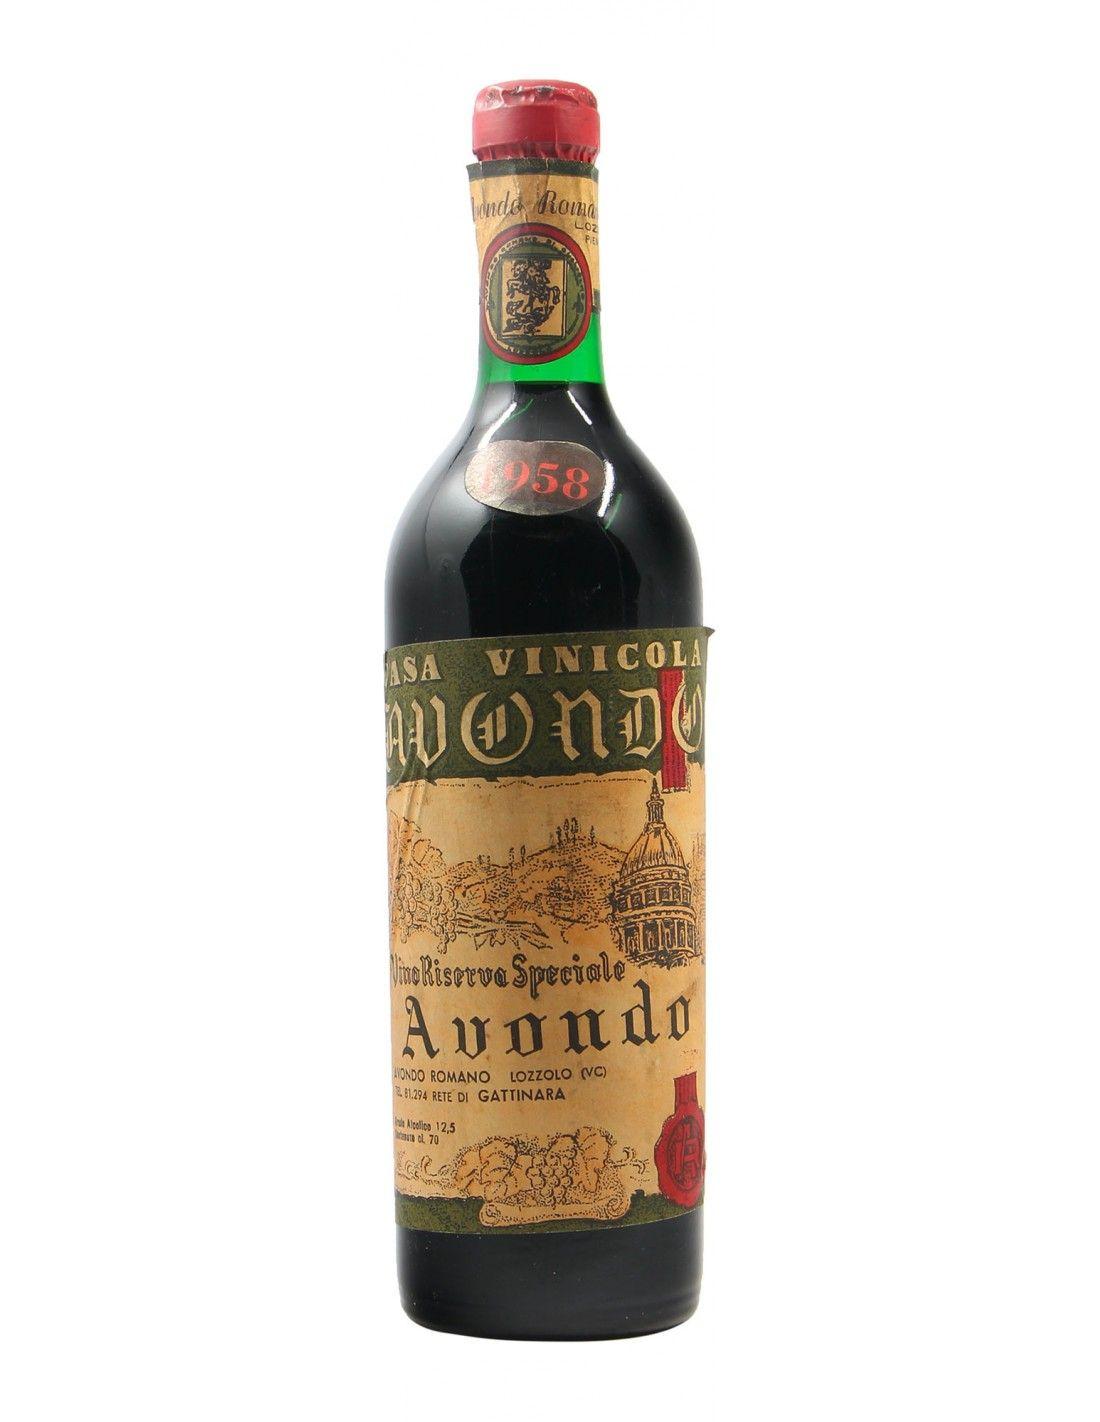 VINO RISERVA SPECIALE 1958 CASA VINICOLA AVONDO Grandi Bottiglie